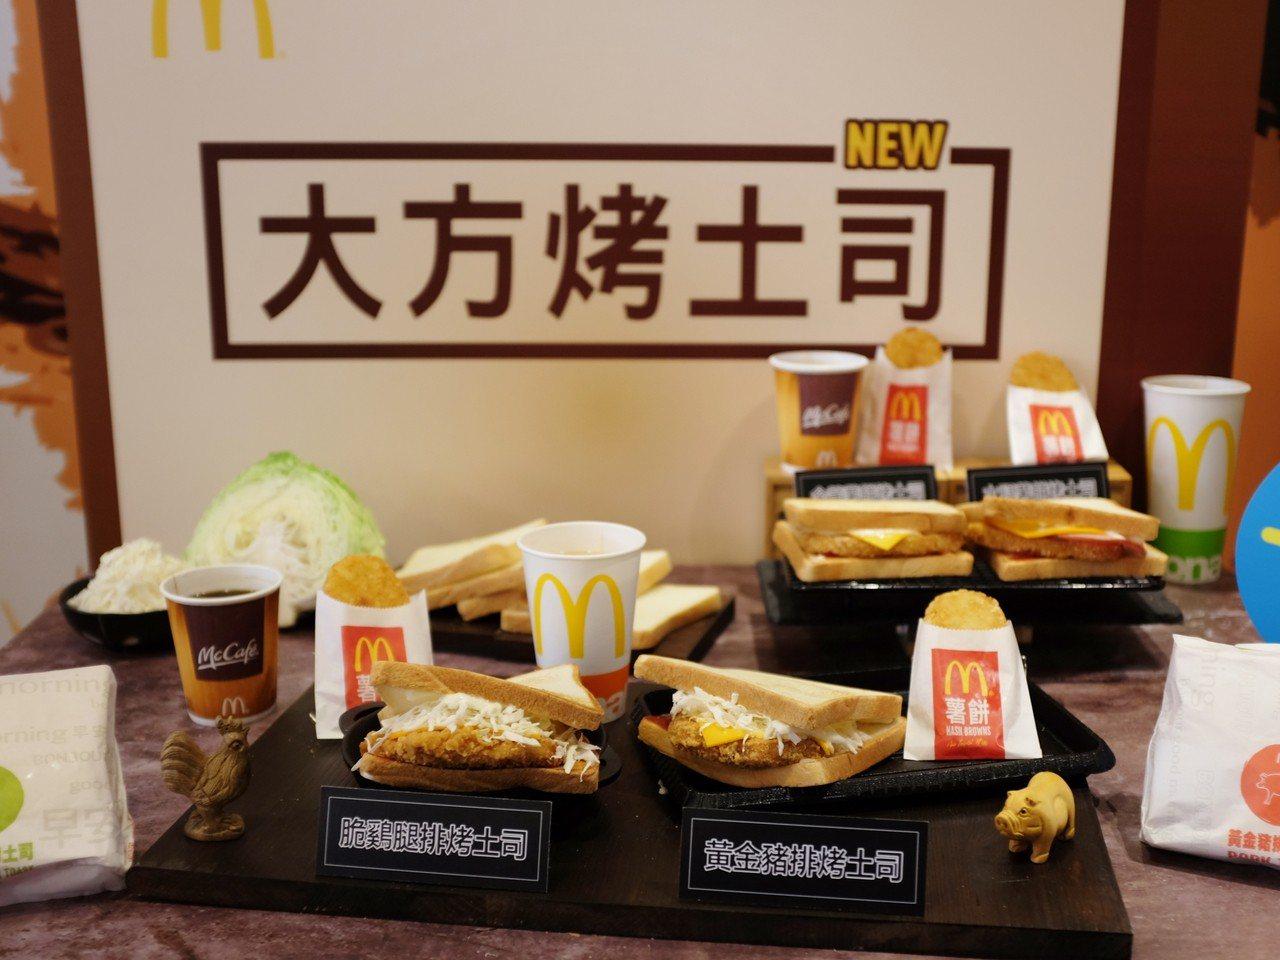 麥當勞「大方烤土司」系列搭配飲料,售價49元起。記者沈佩臻/攝影